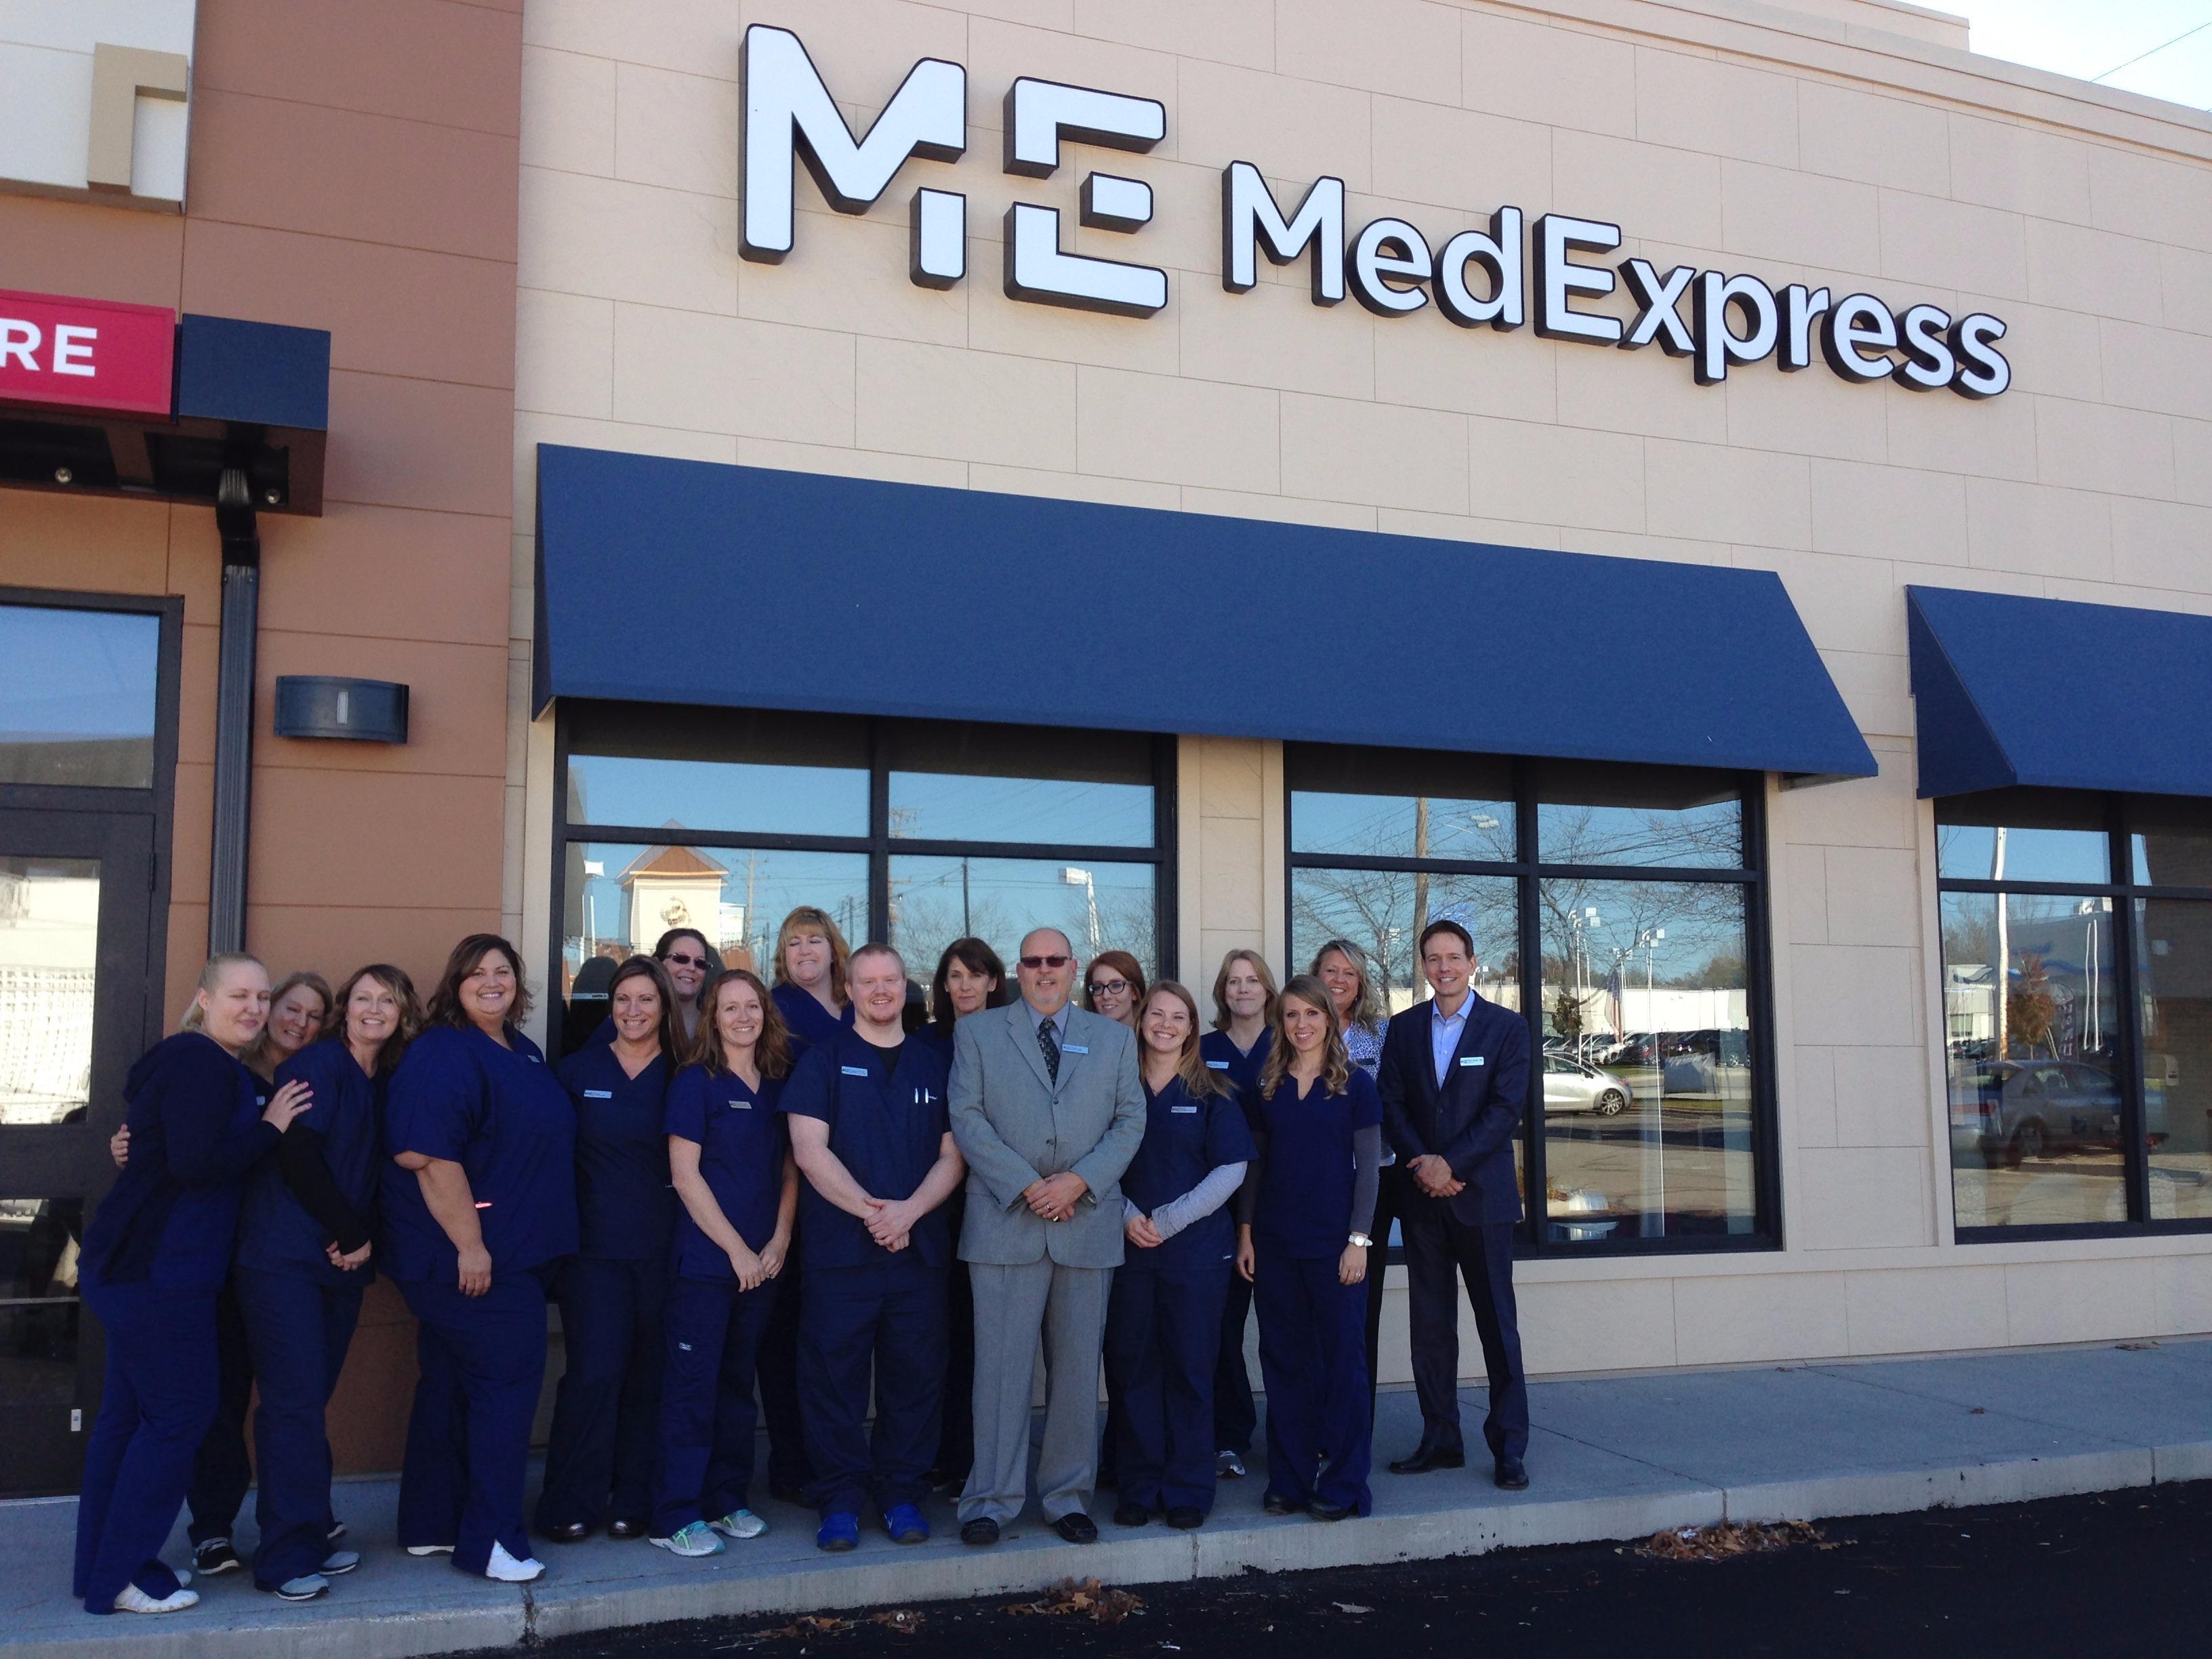 medexpress urgent care 2558 henry st, muskegon, mi 49441 - yp